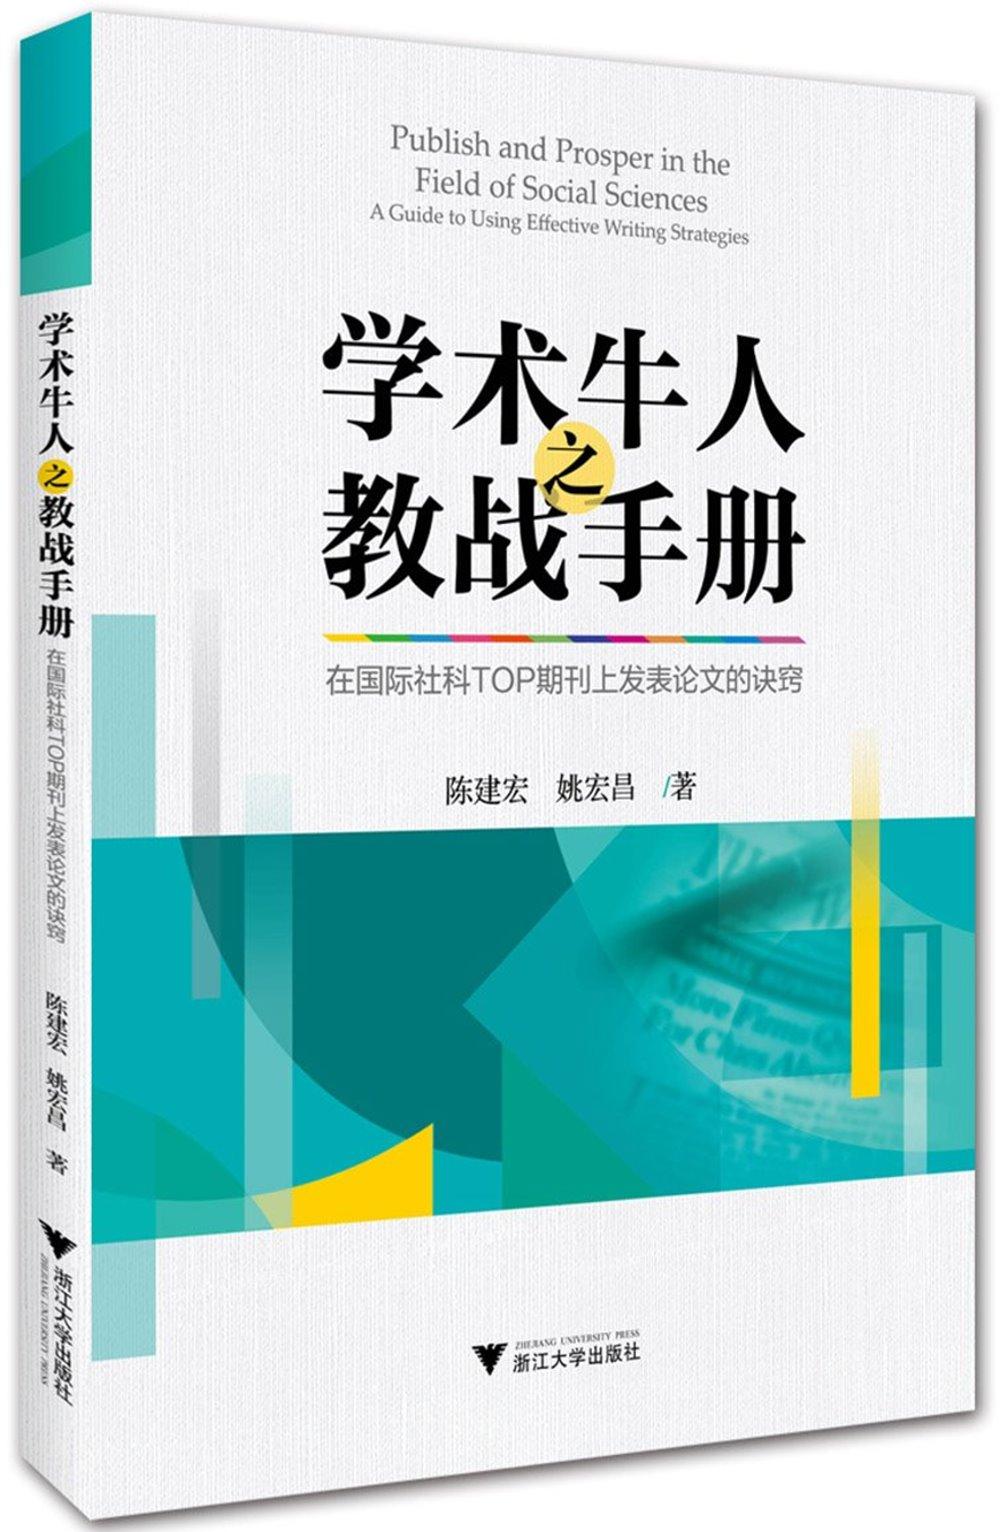 學術牛人之教戰手冊:在國際社科TOP期刊上發表論文的訣竅